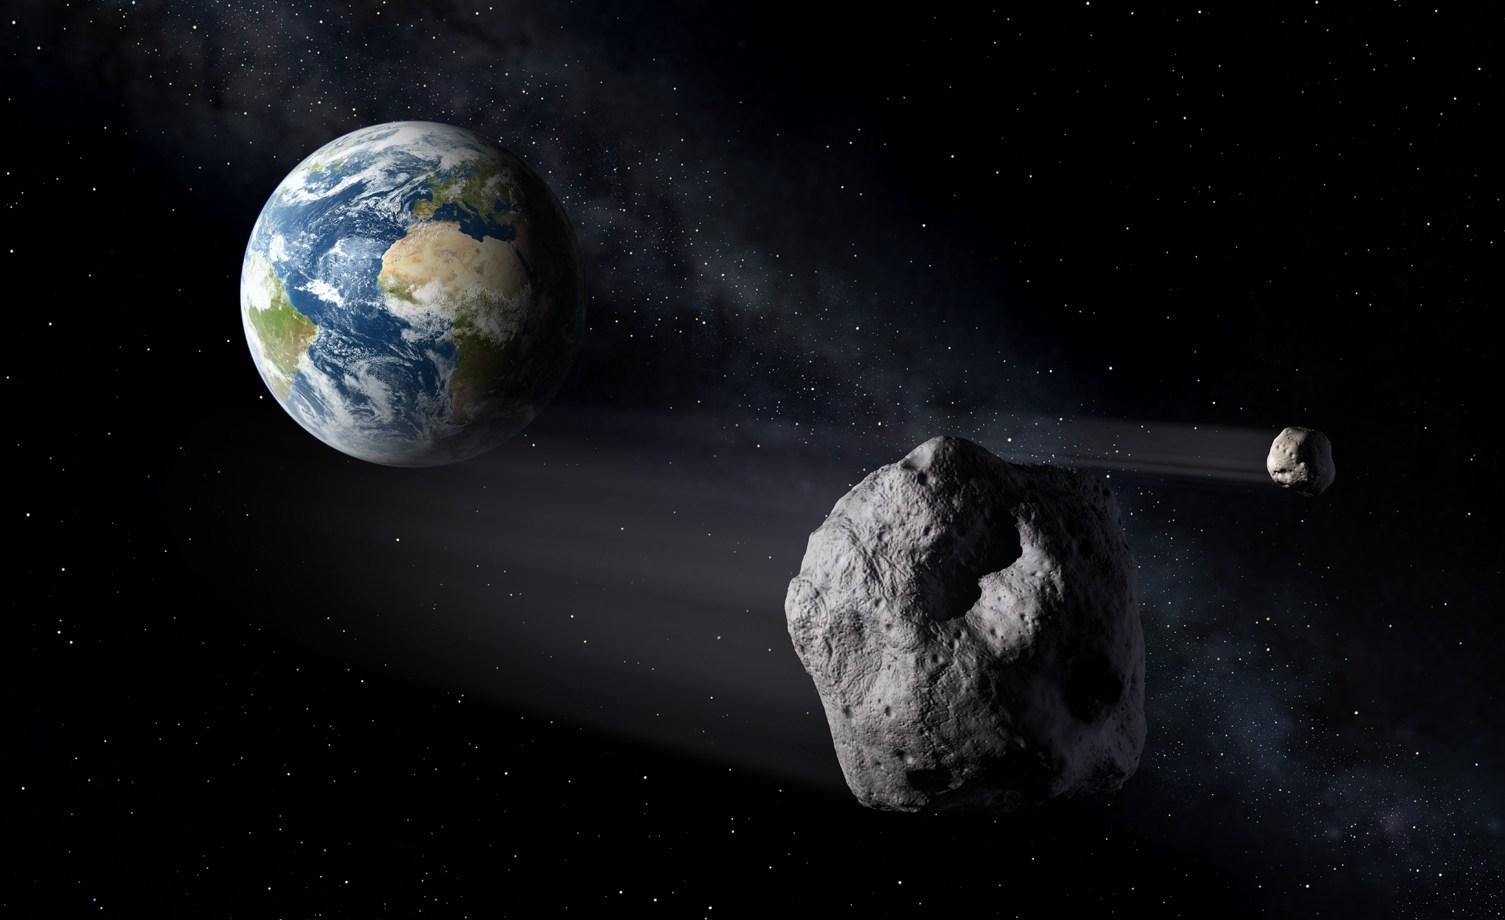 RASTREA NASA UN ASTEROIDE QUE SOBREVOLARÁ LA TIERRA